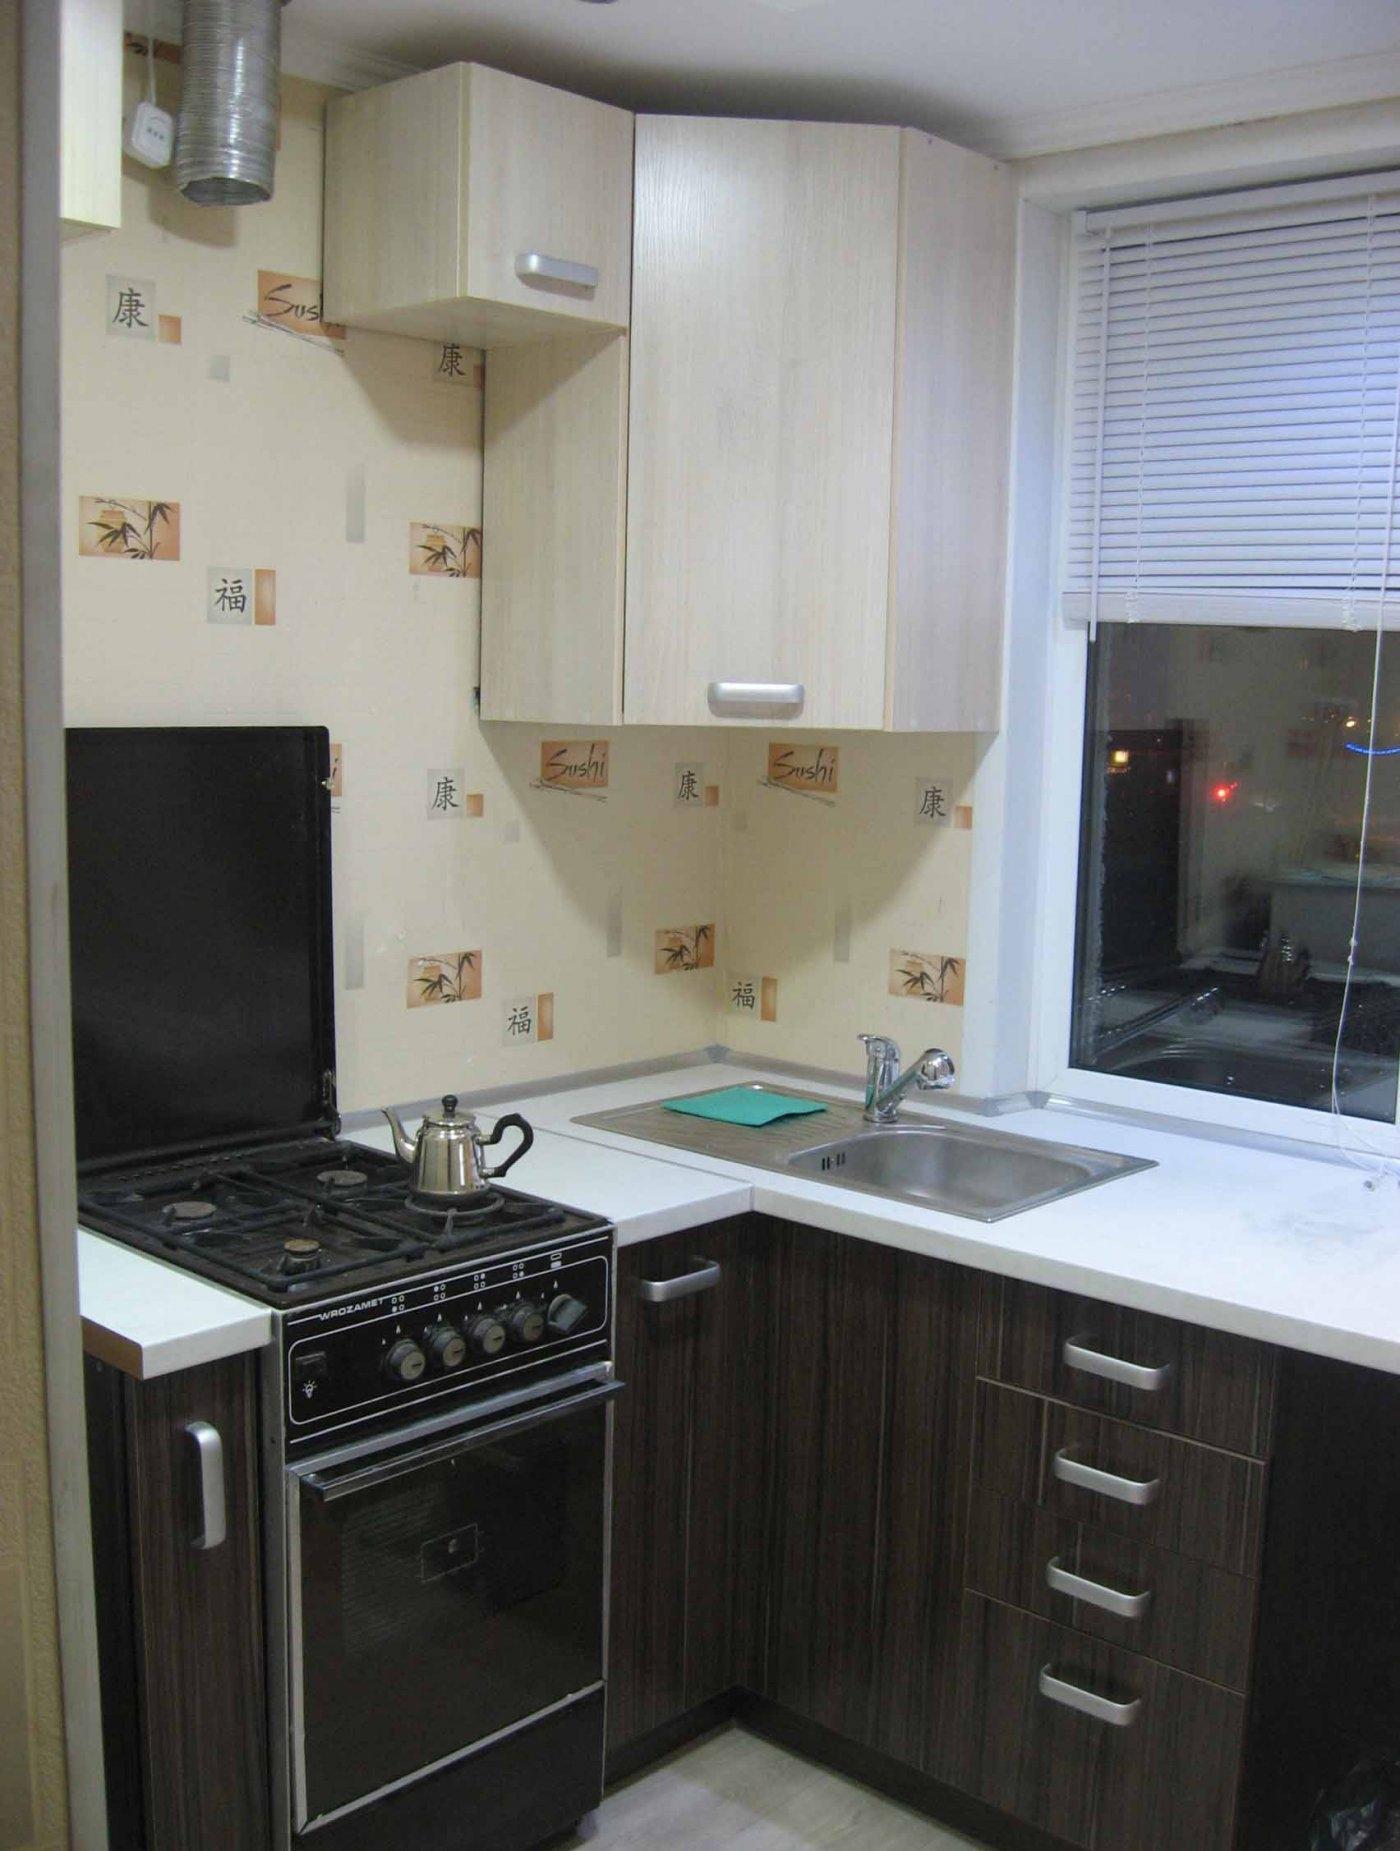 Черно-белый угловой гарнитур в маленькой кухне